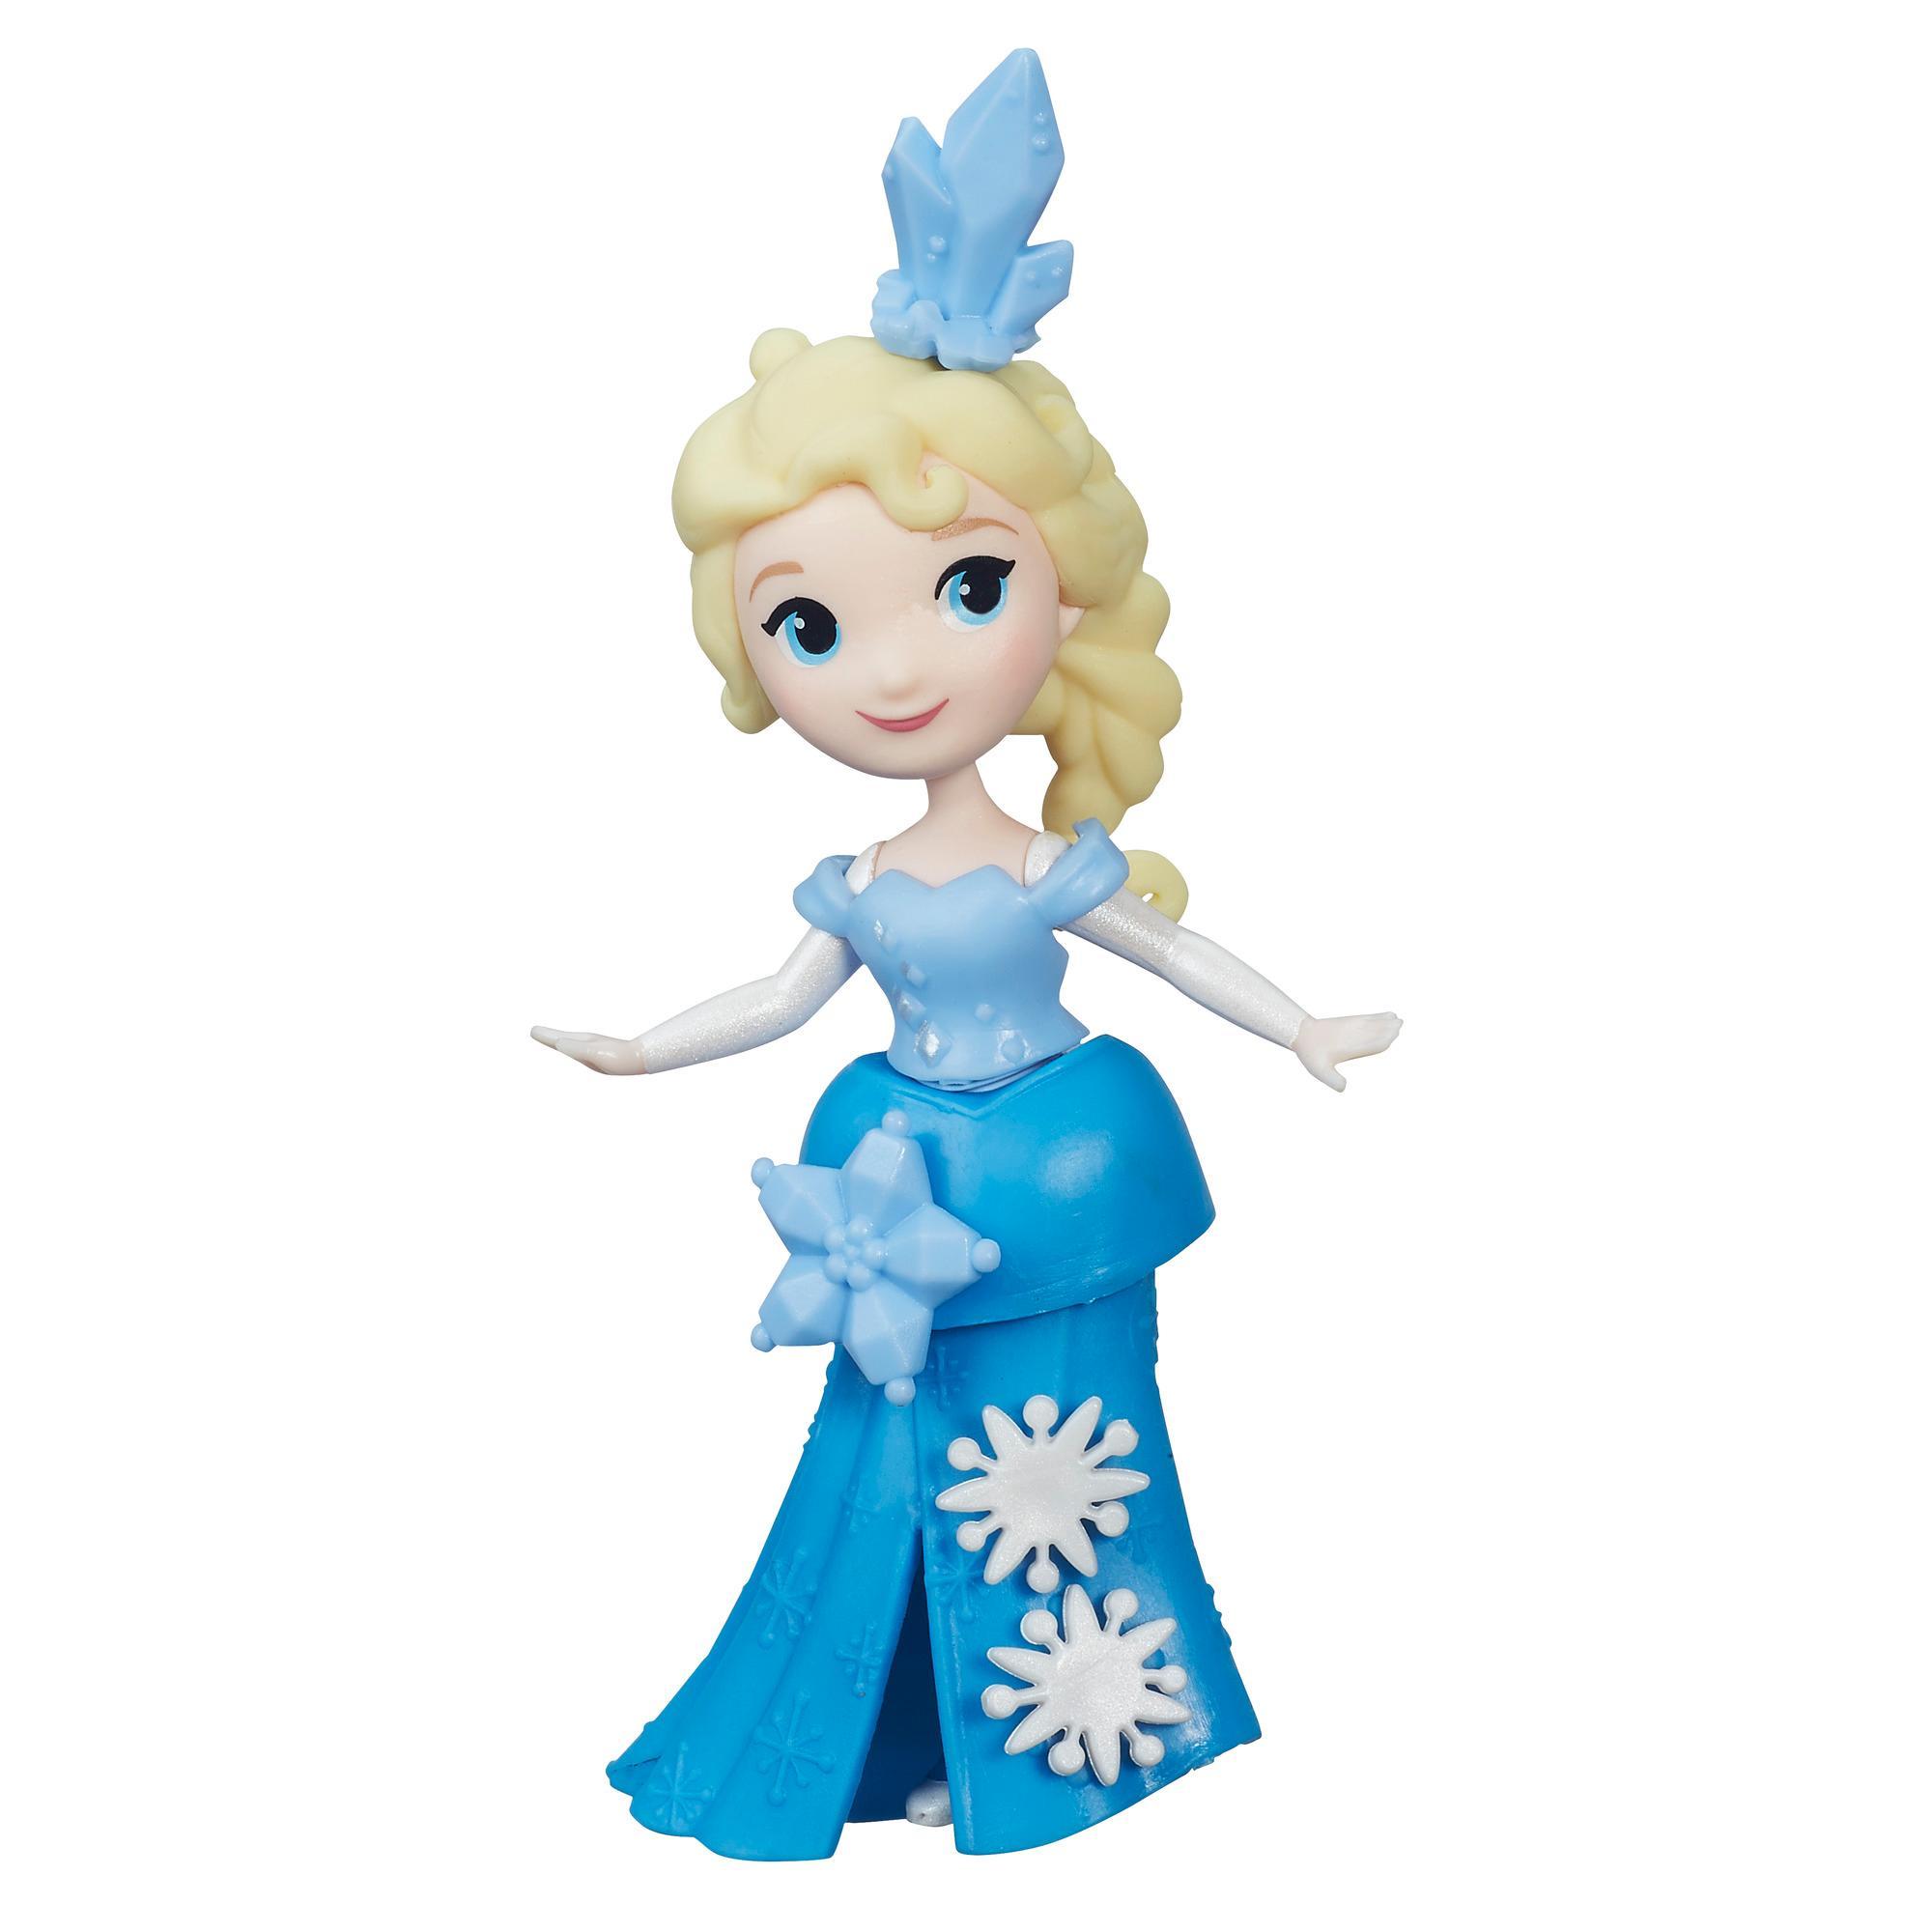 Elsa con vestido de nieve Pequeño Reino de Frozen Una aventura congelada de Disney